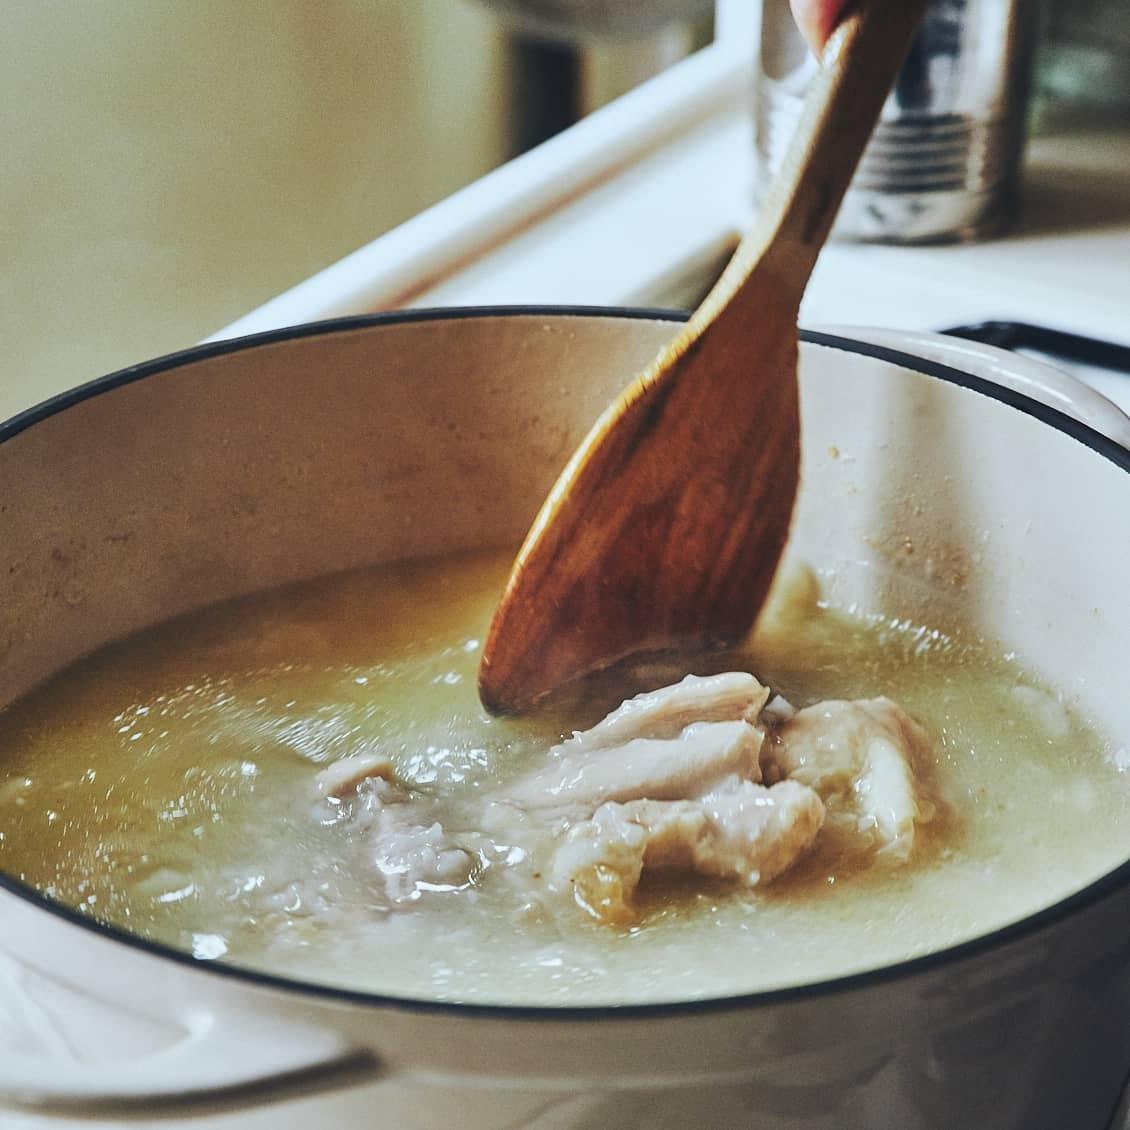 【体いたわる、おうち参鶏湯】第2話:スーパーで買えるものだけ! 自宅でできる簡単参鶏湯レシピ